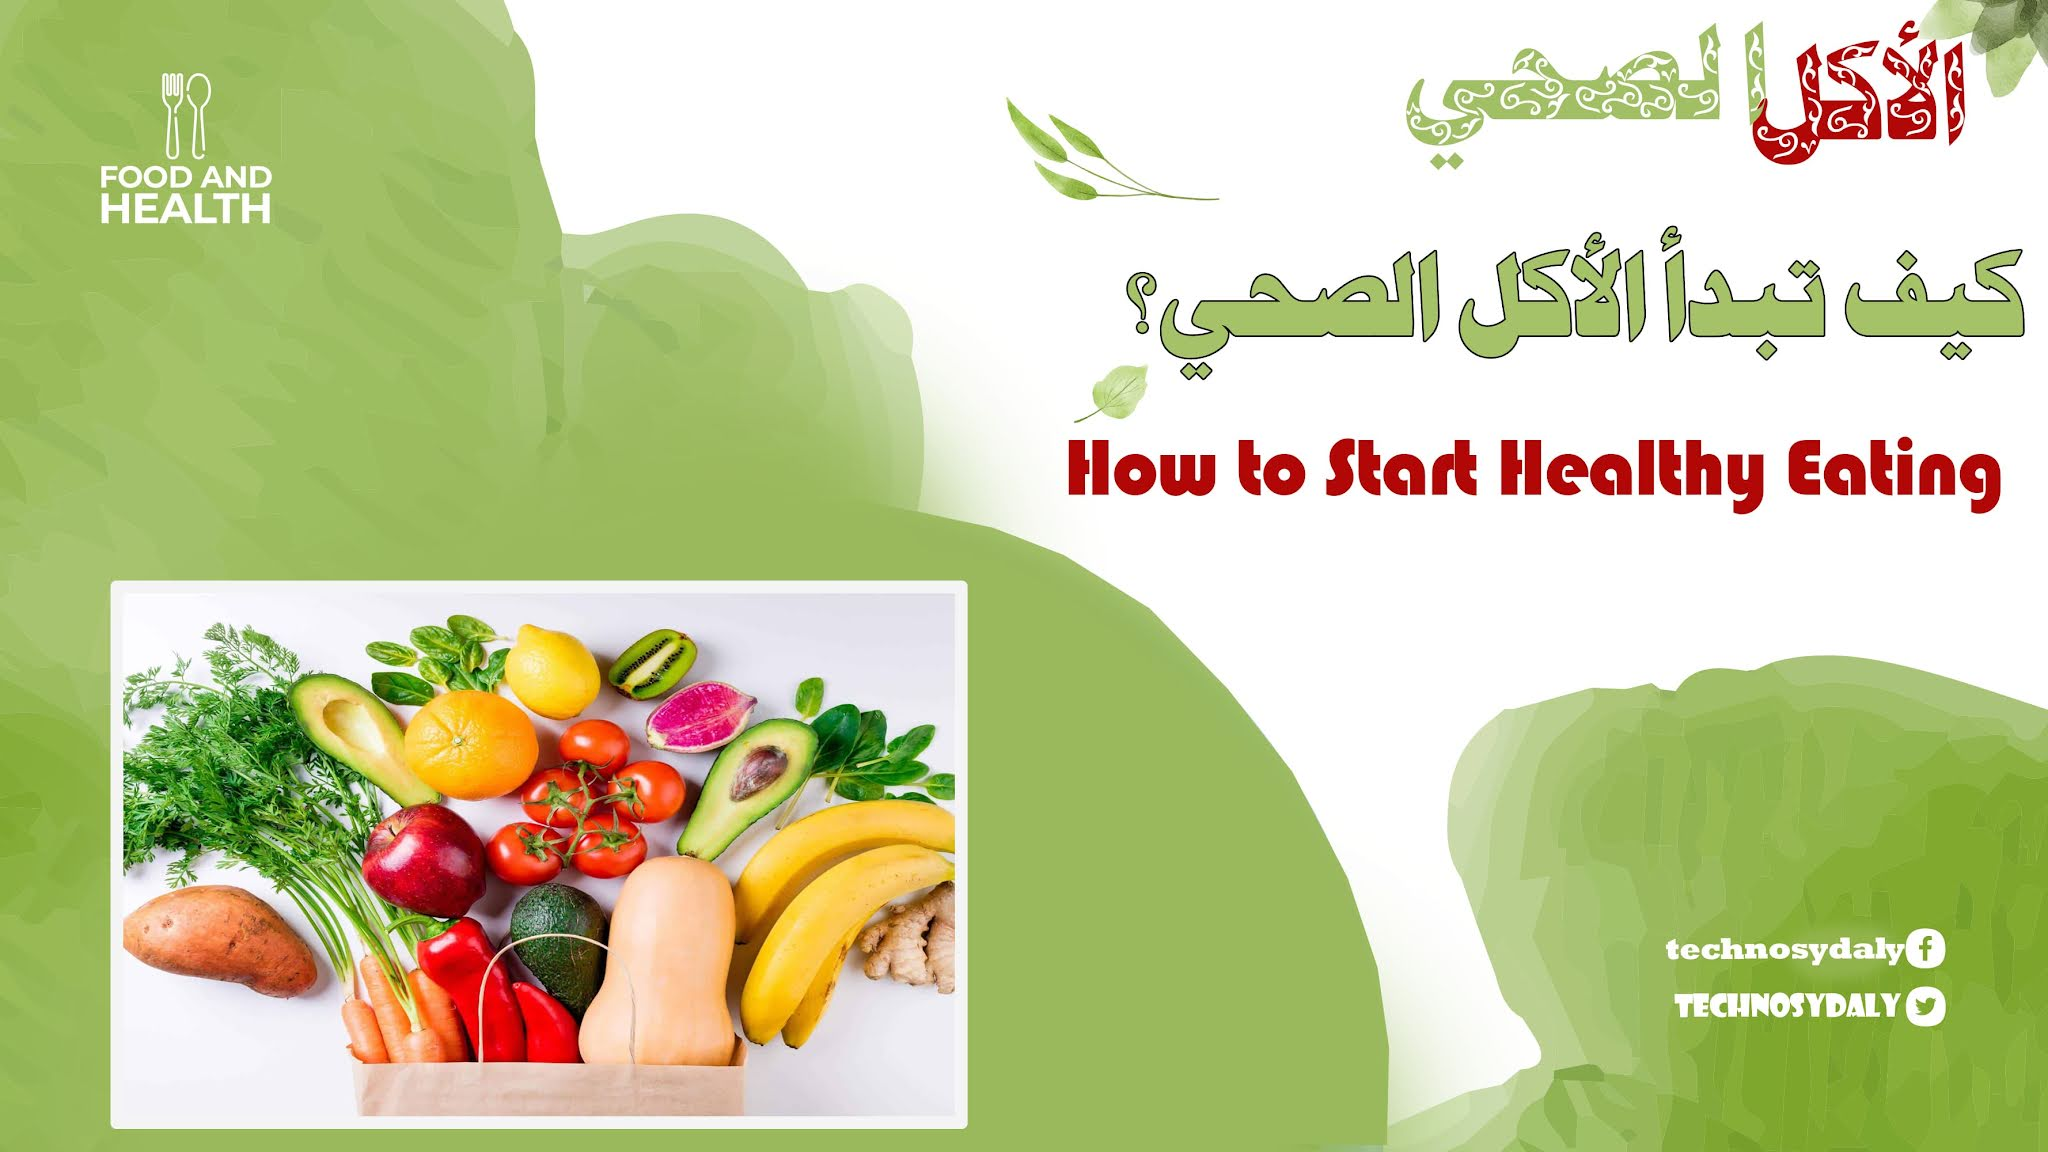 كيف تبدأ الأكل الصحي؟ How to Start Healthy Eating